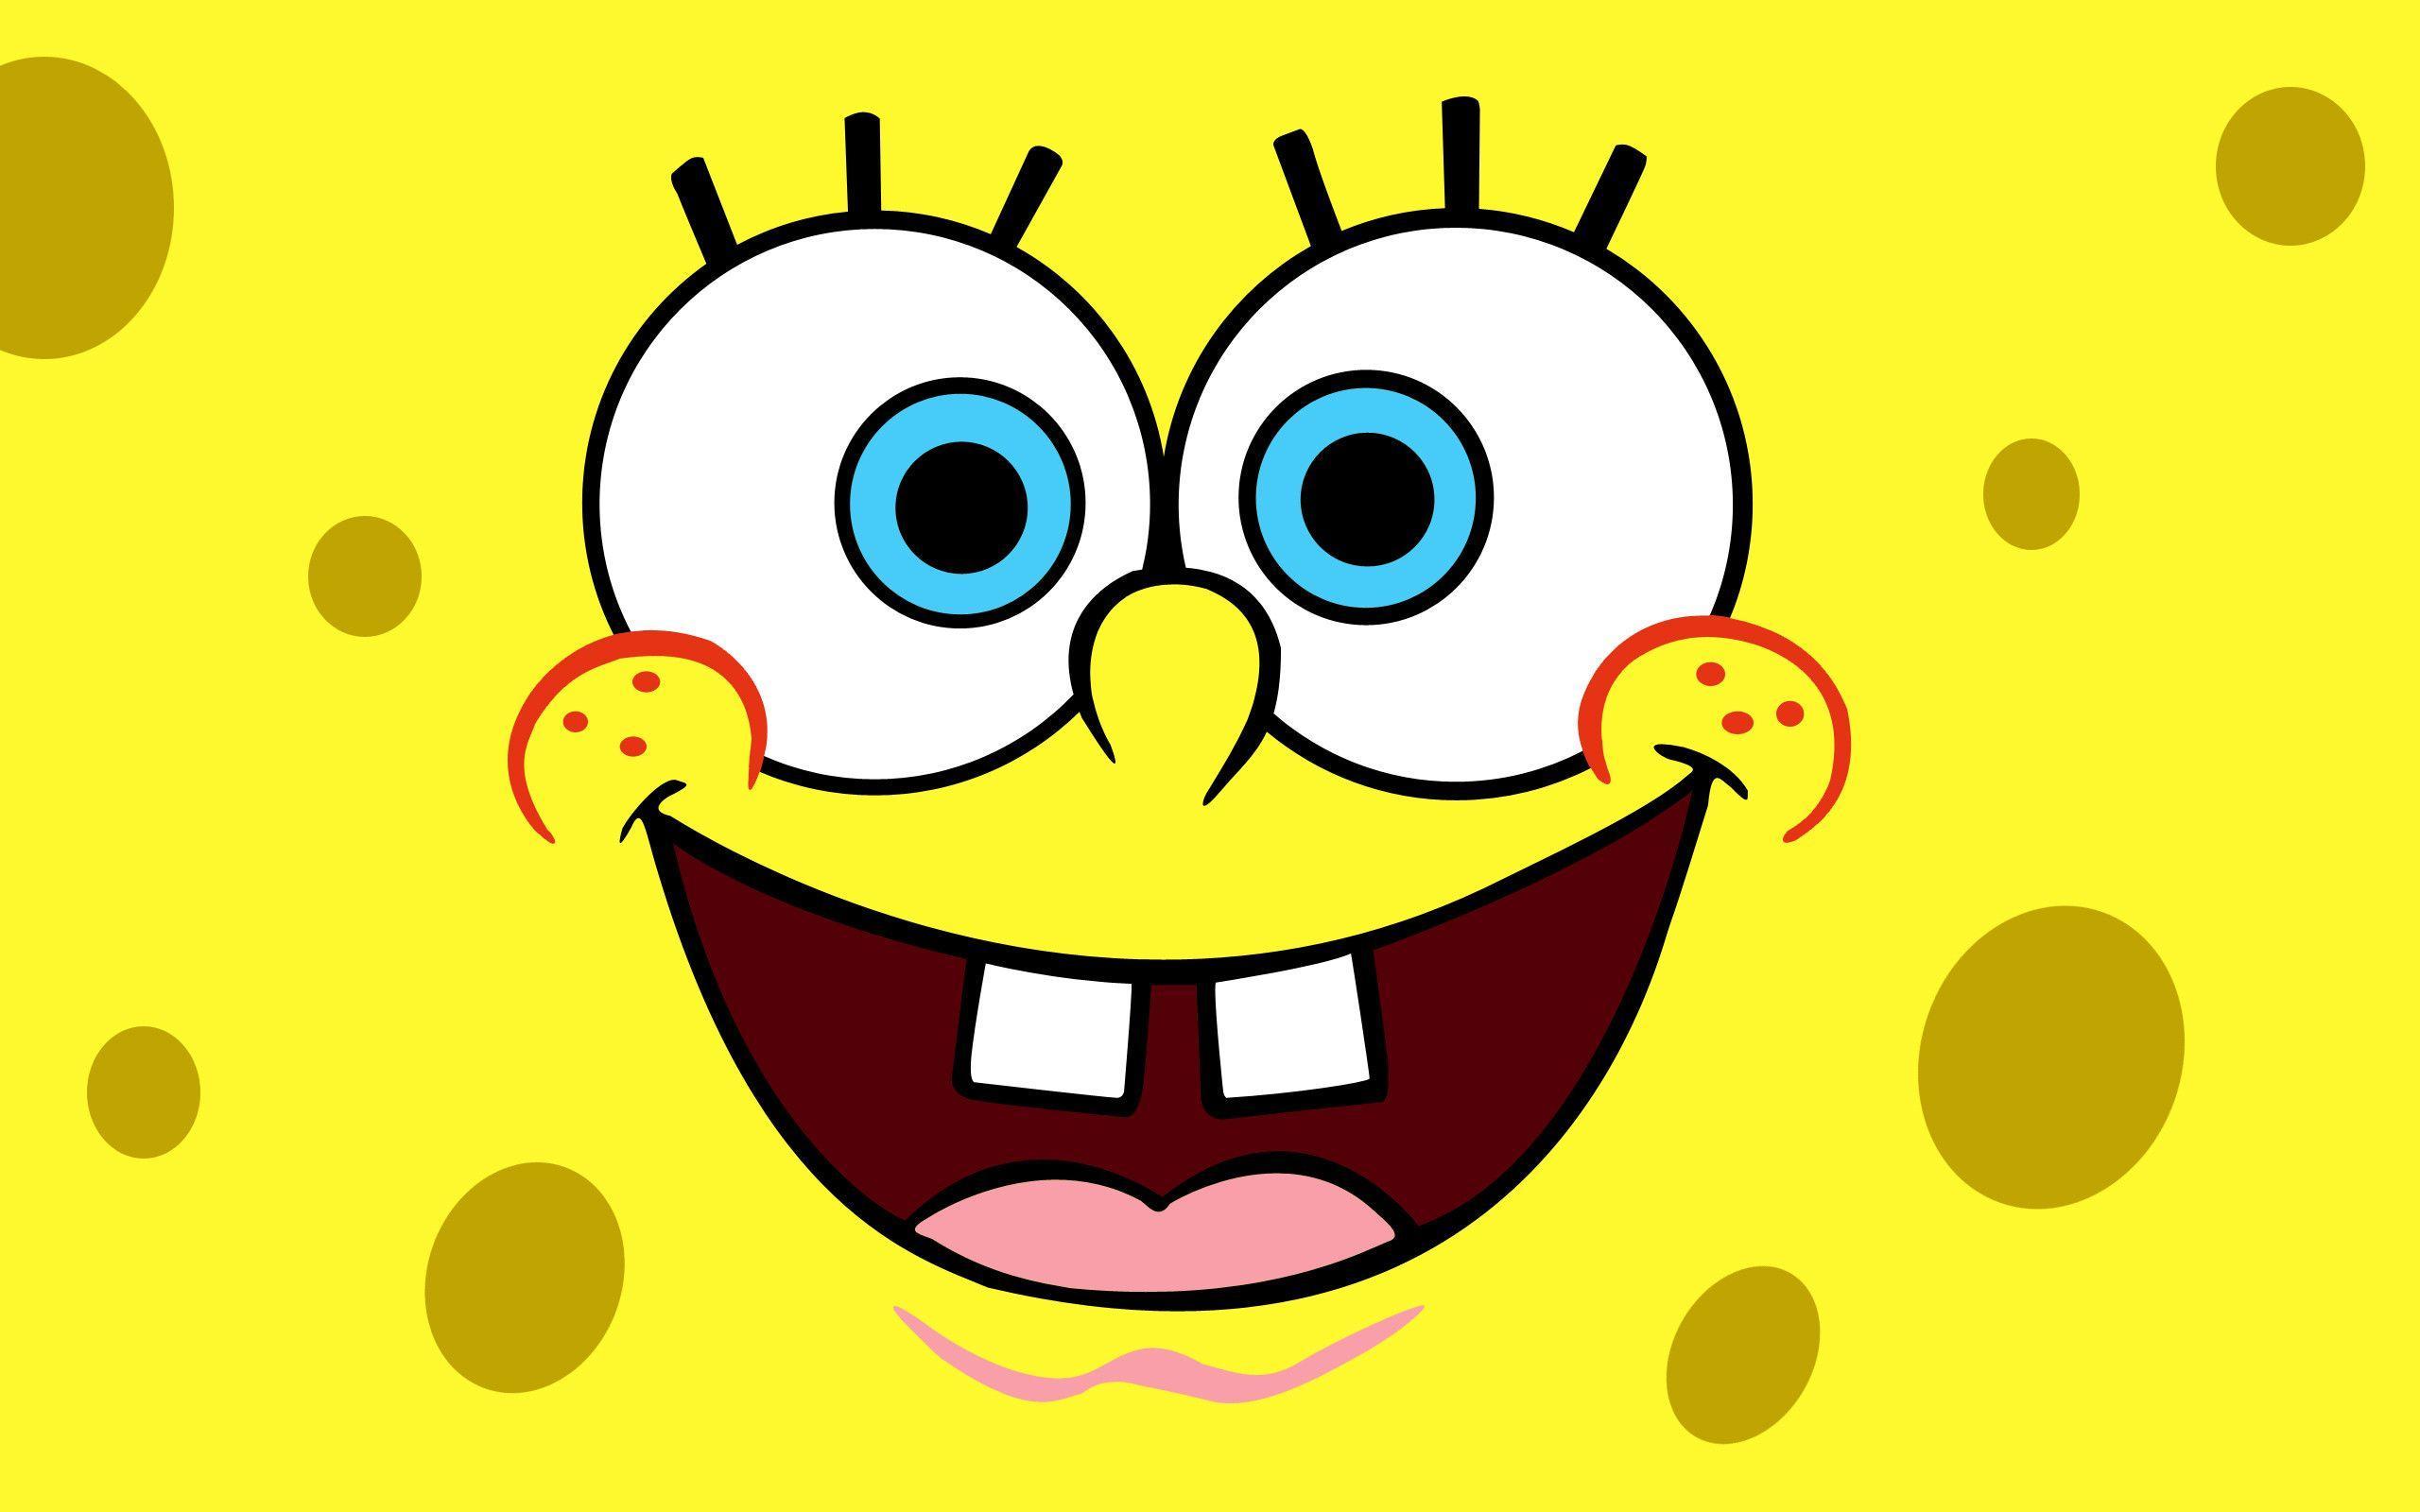 Spongebob Desktop Wallpapers Top Free Spongebob Desktop Backgrounds Wallpaperaccess